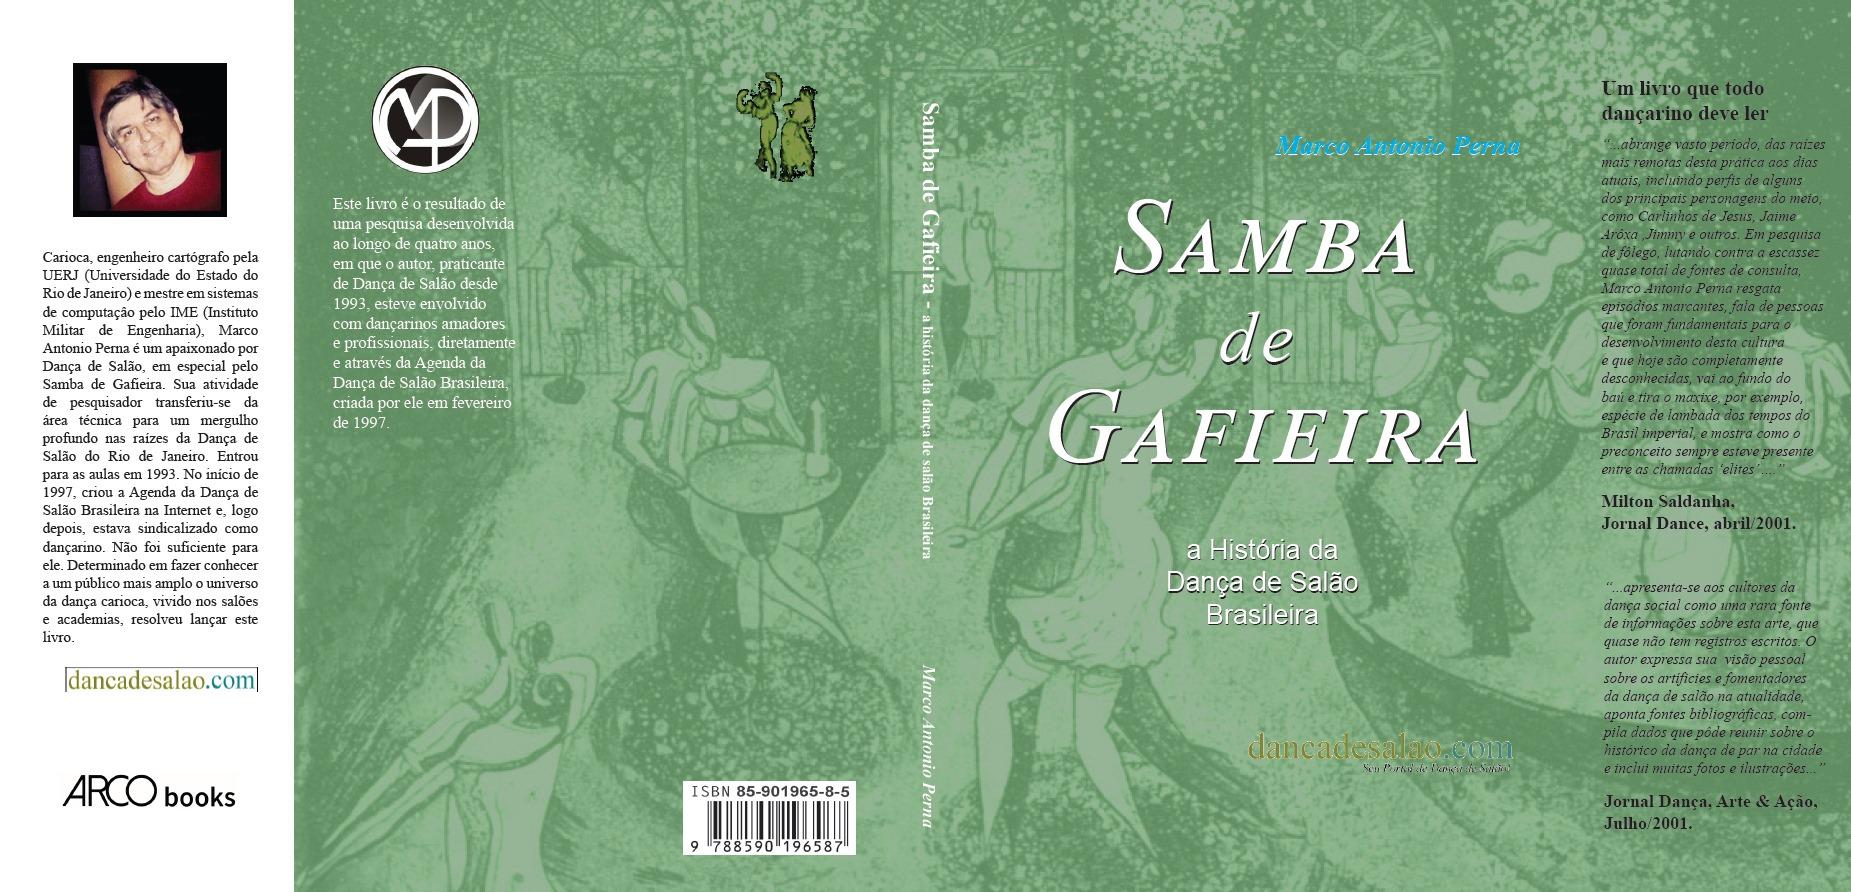 Formato: 14 x 21 cm - 200 páginas - Idioma: português - Reimpressão de 2020 - ISBN: 85-901965-8-5